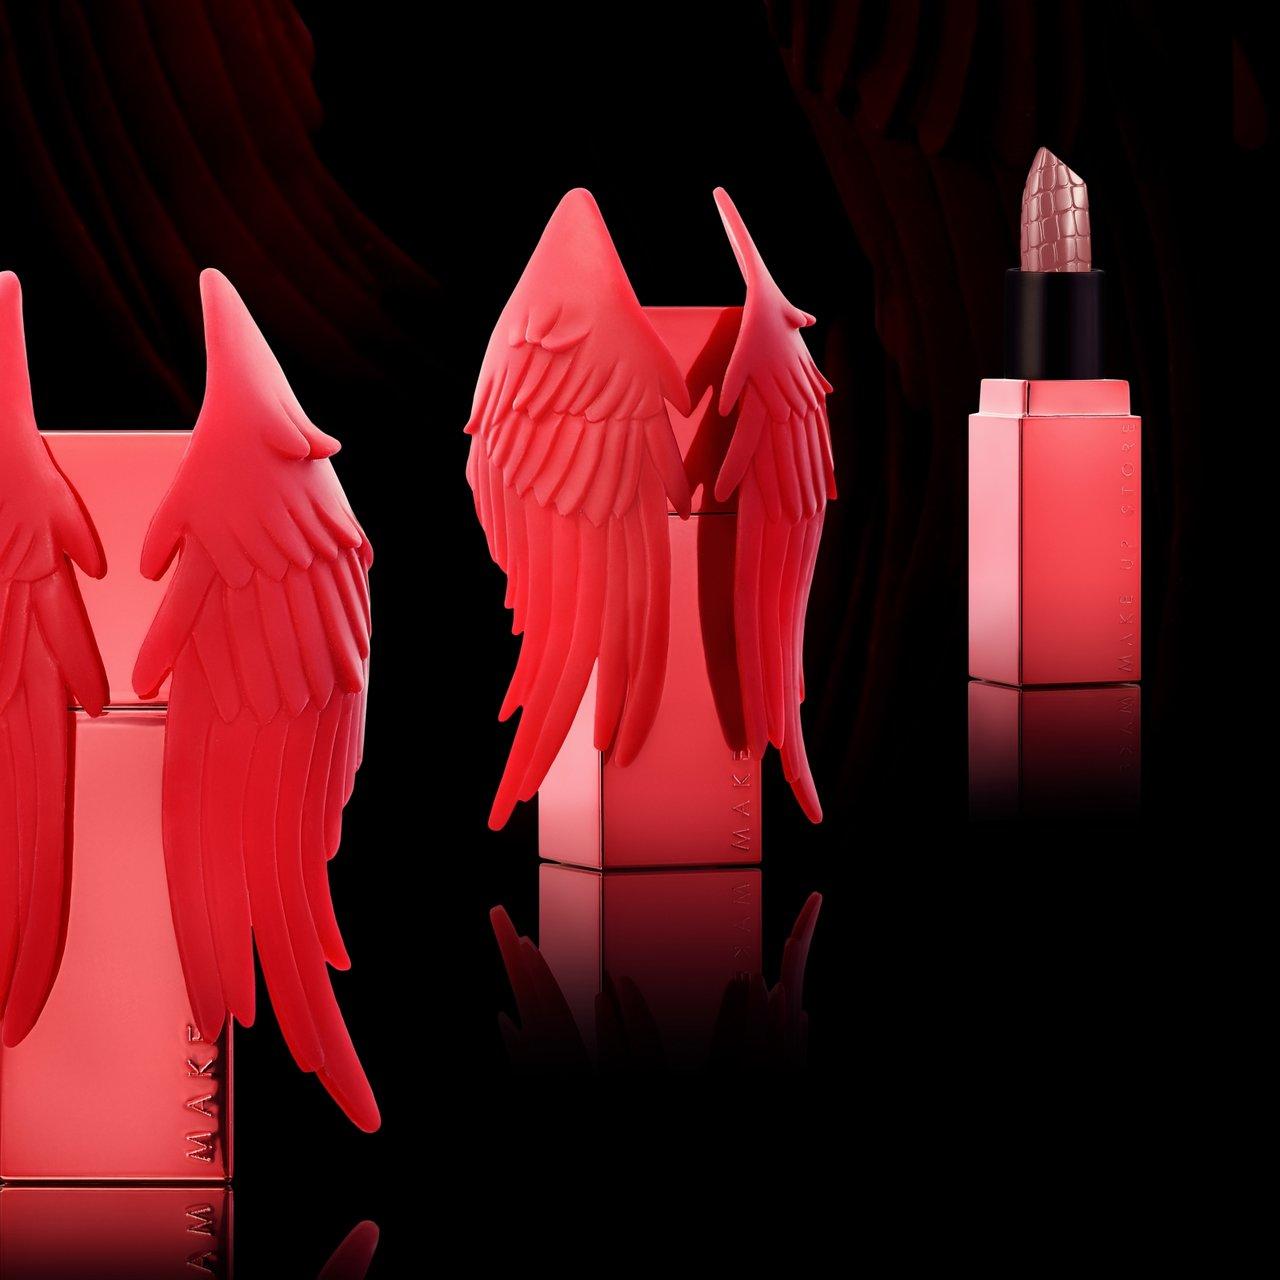 LipstickRedAngel